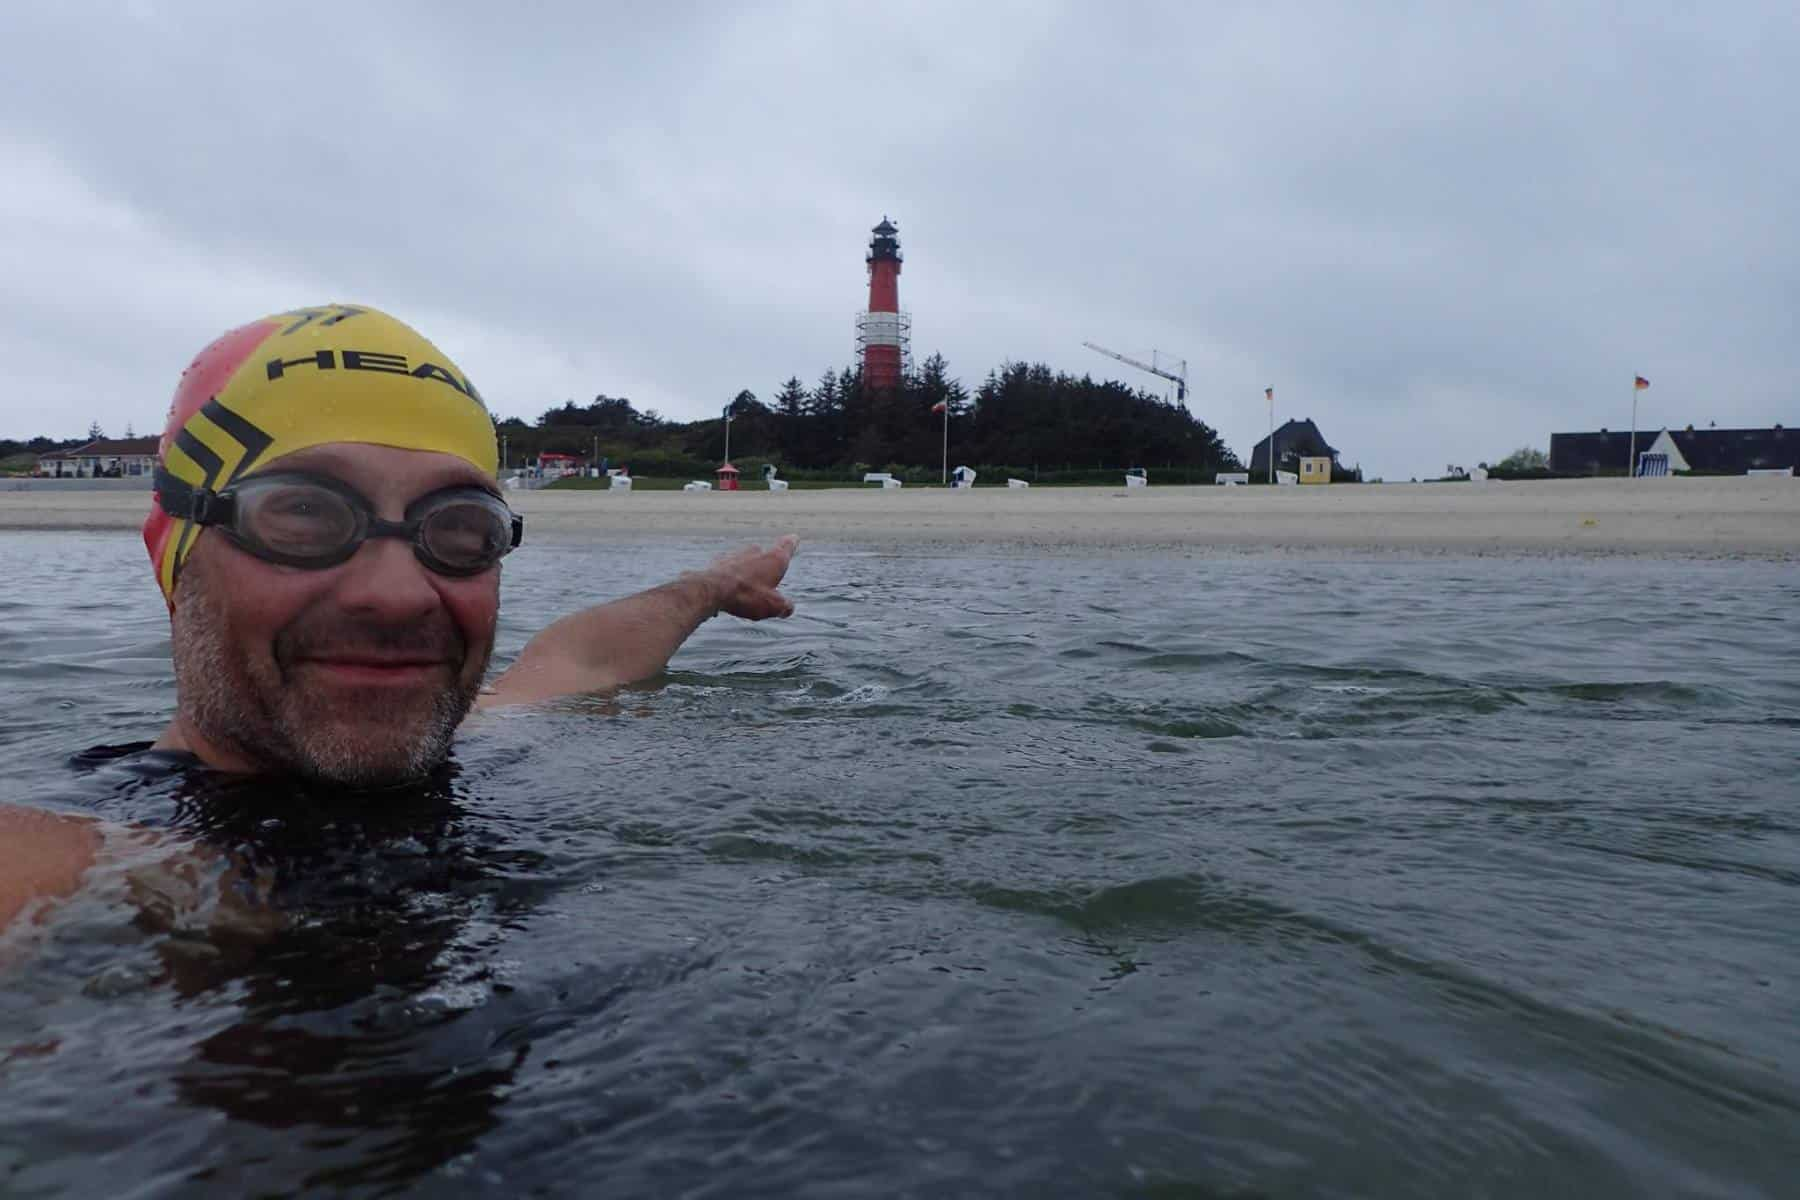 Die Nordsee als Alternative? Unser Autor sagte eindeutig ja!